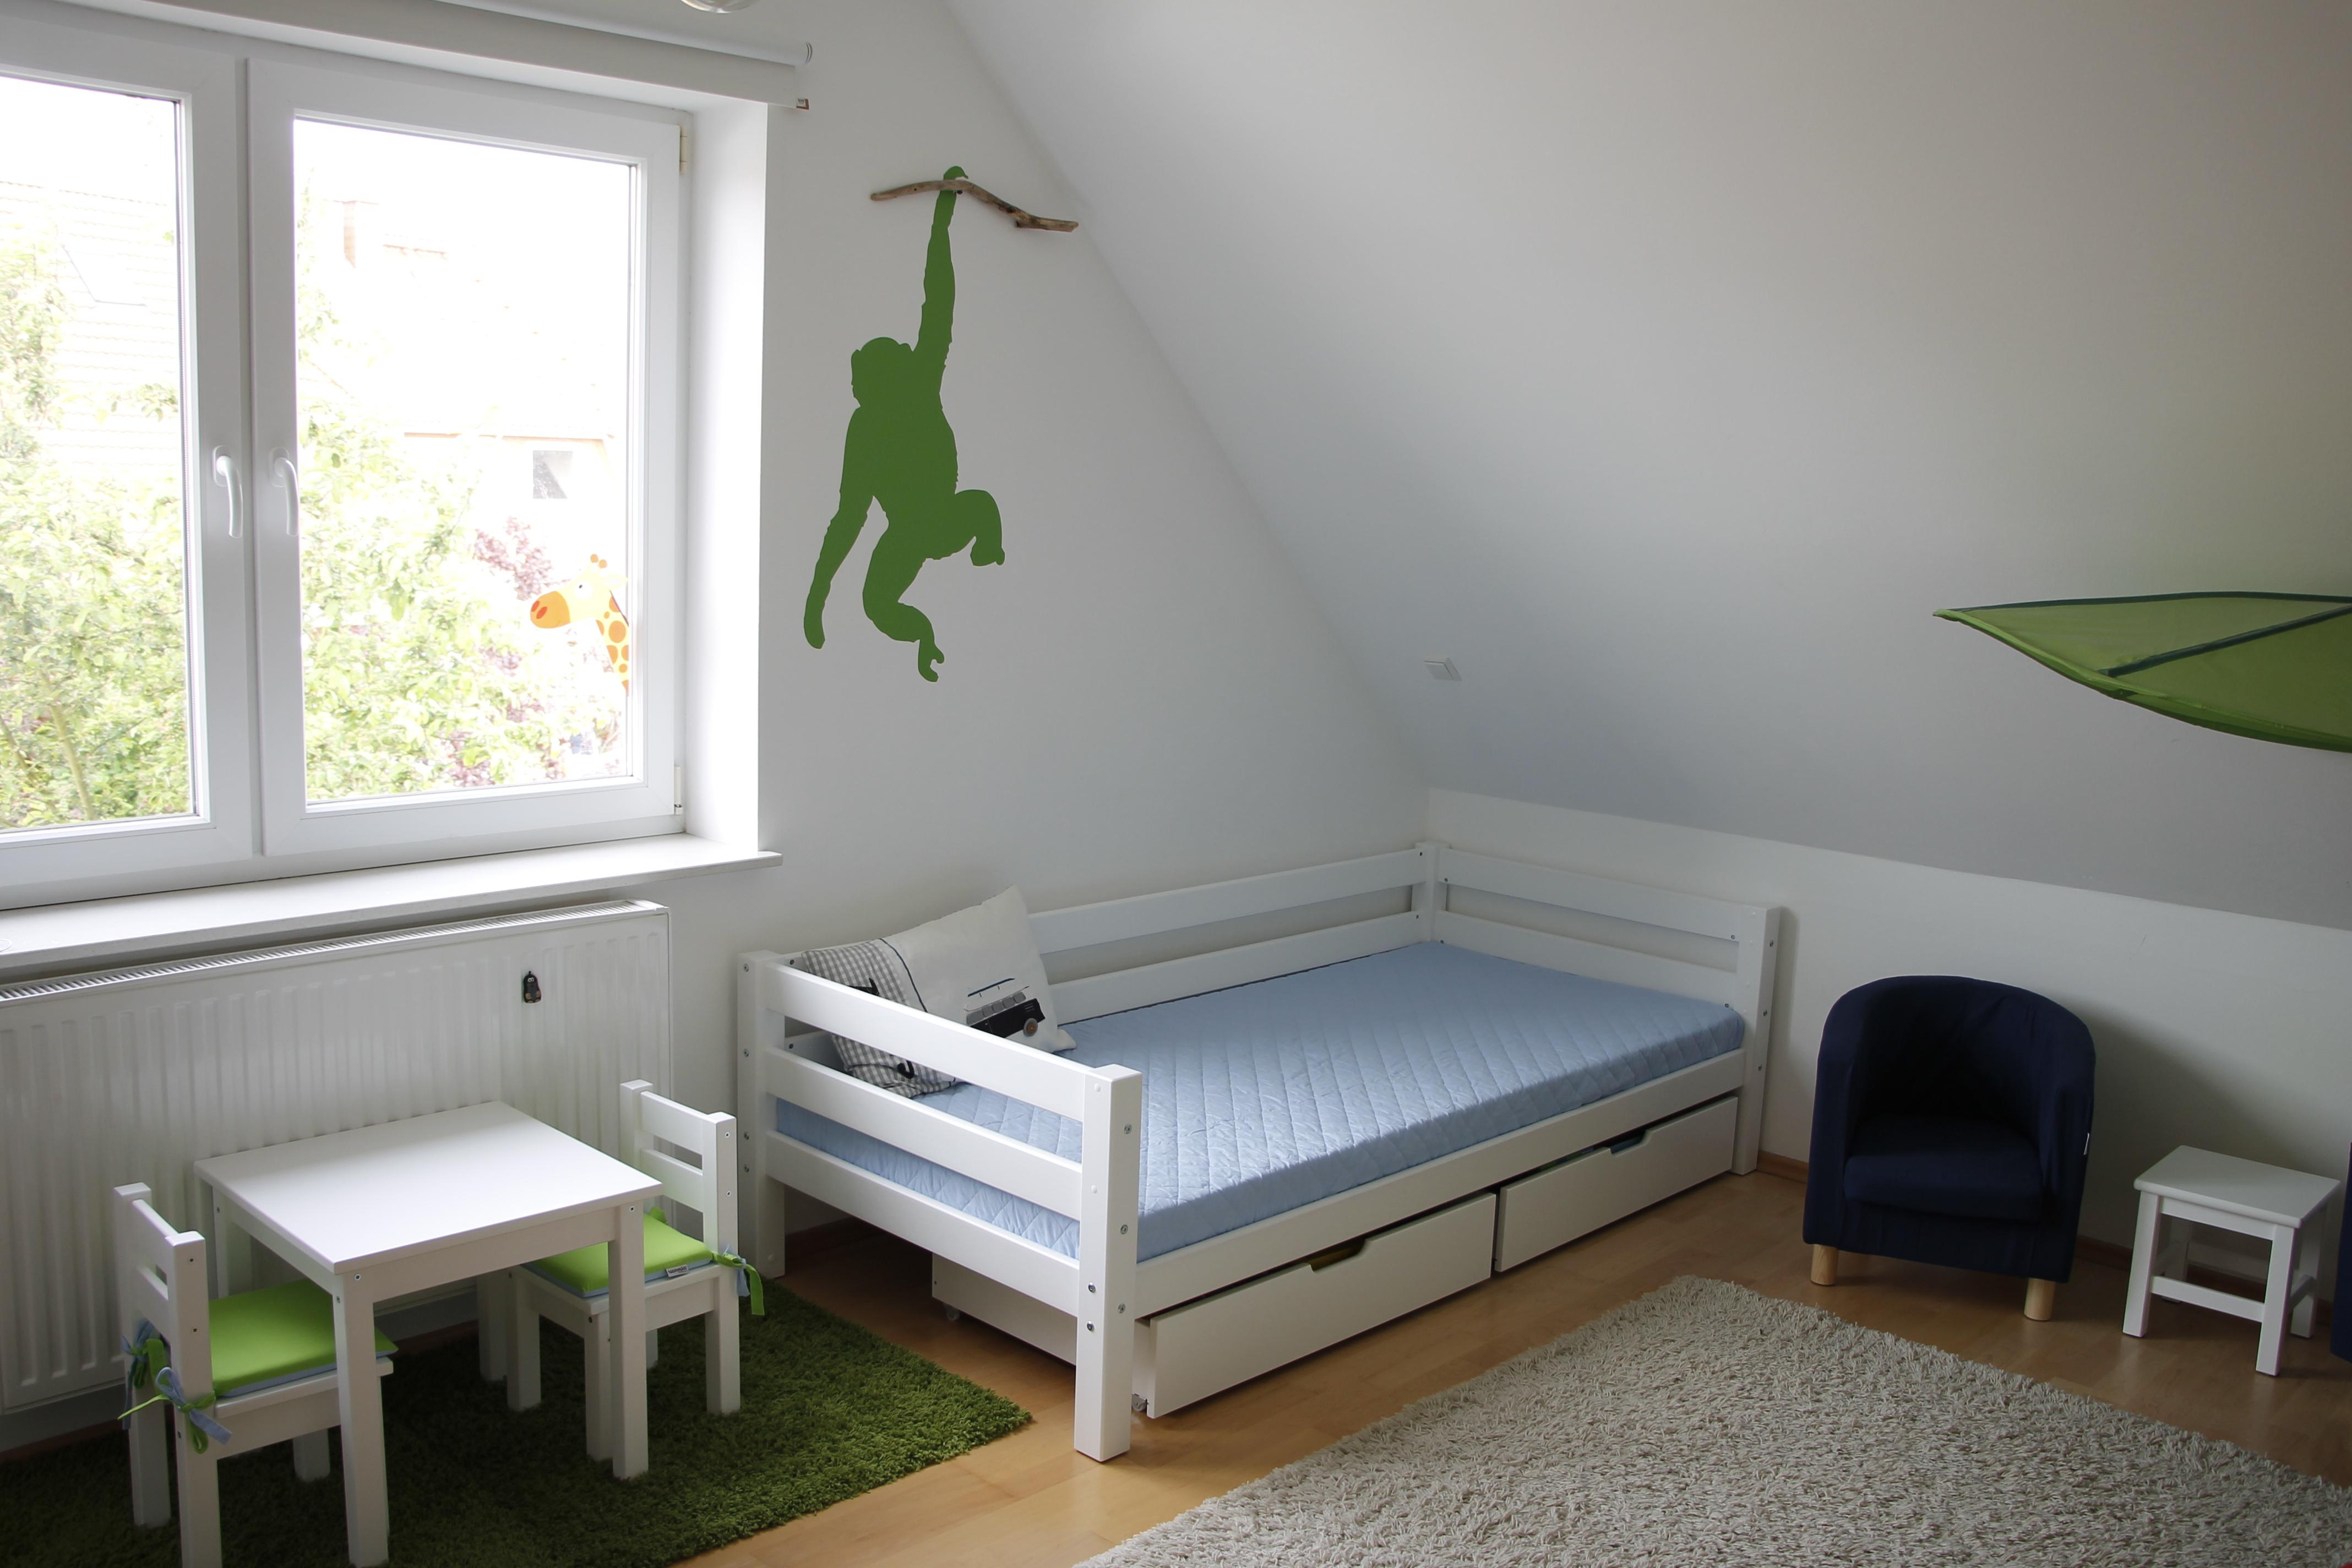 Sofabett kinderzimmer  Ab in den Dschungel: Eine Kinderzimmer-Roomtour - Lavendelblog